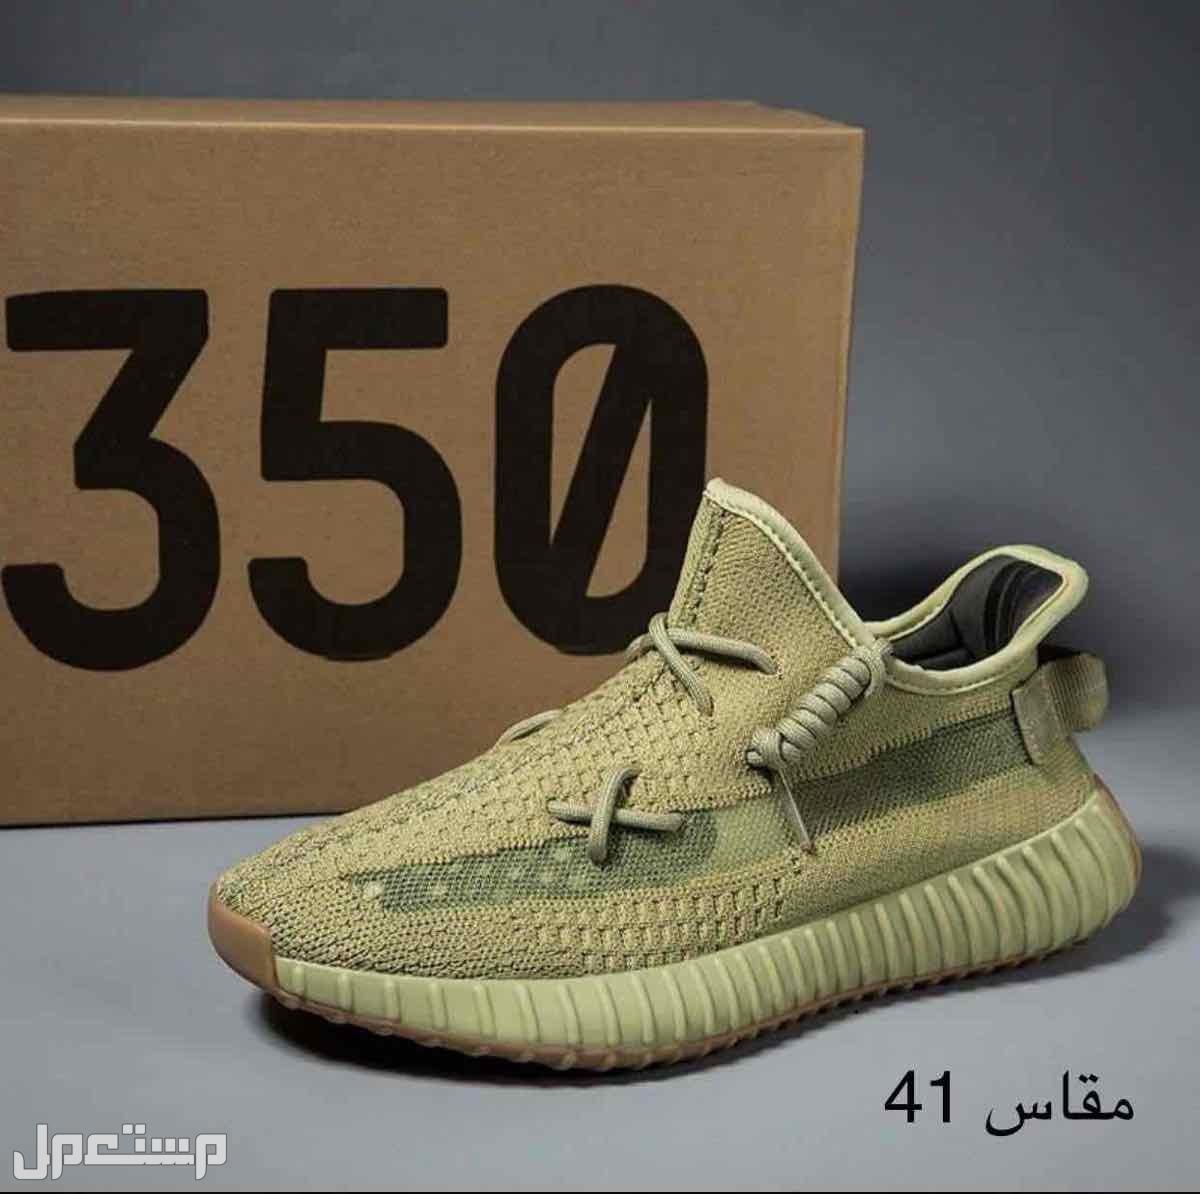 شوز ايزي 350/700